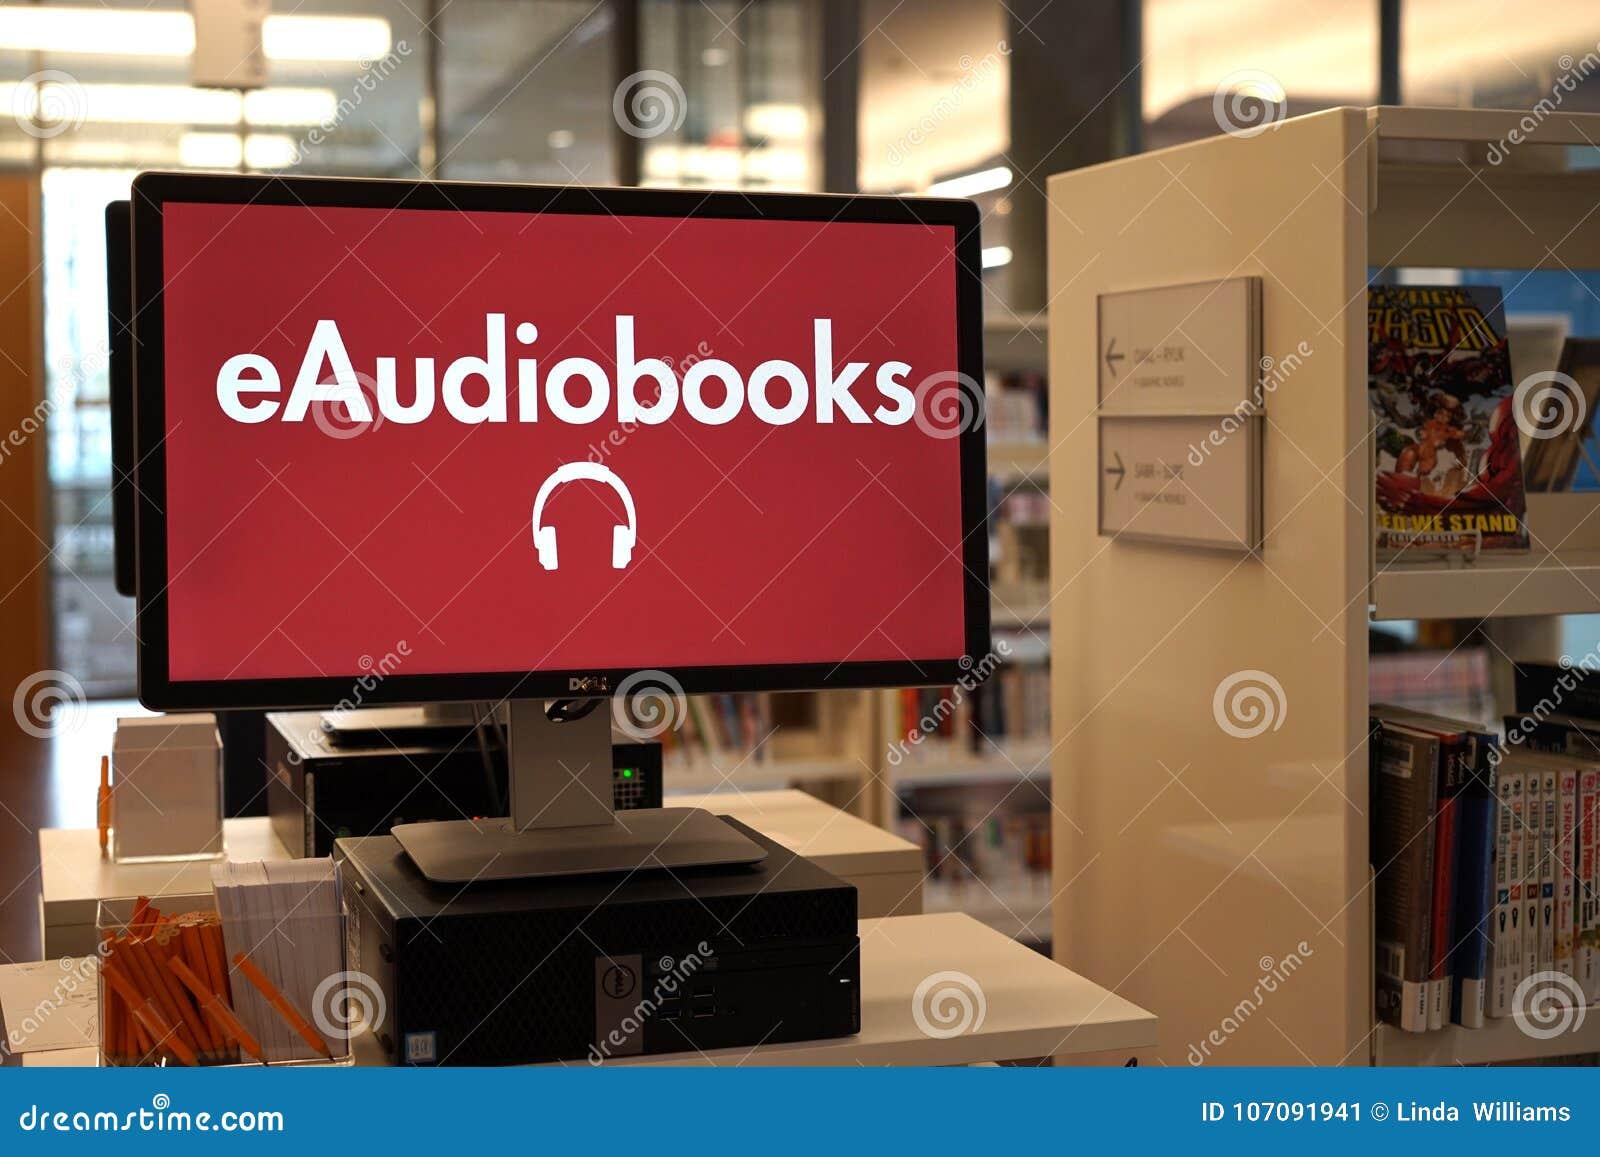 EAudiobooks sont pour lire sur l aller